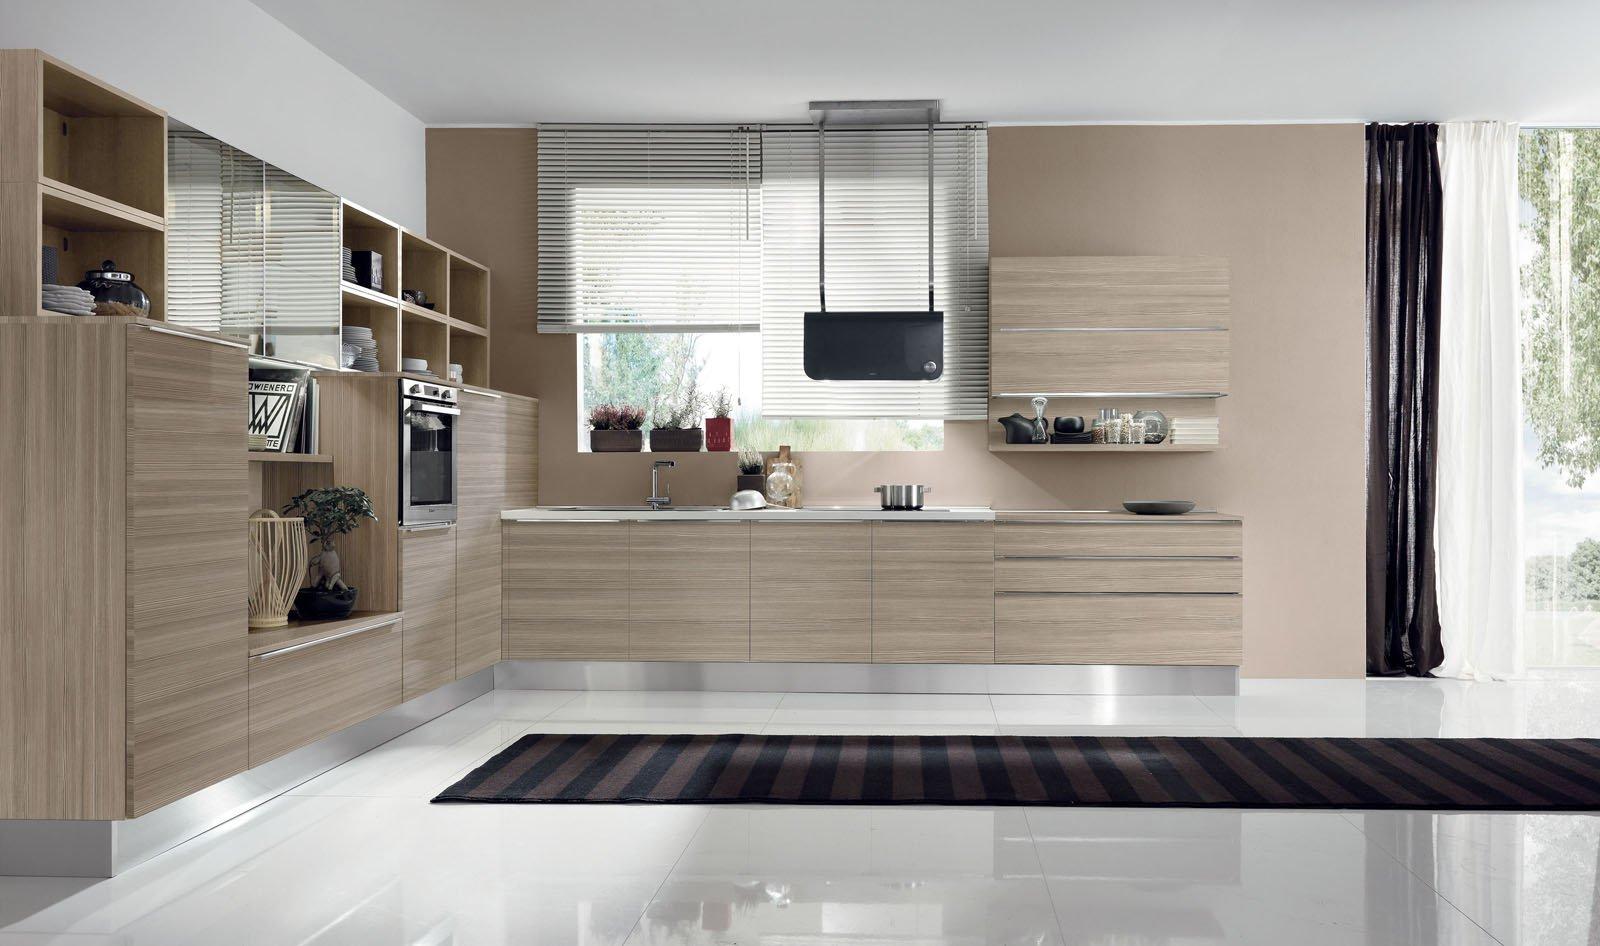 aran 5 cucine per sfruttare lo spazio in modi differenti. Black Bedroom Furniture Sets. Home Design Ideas